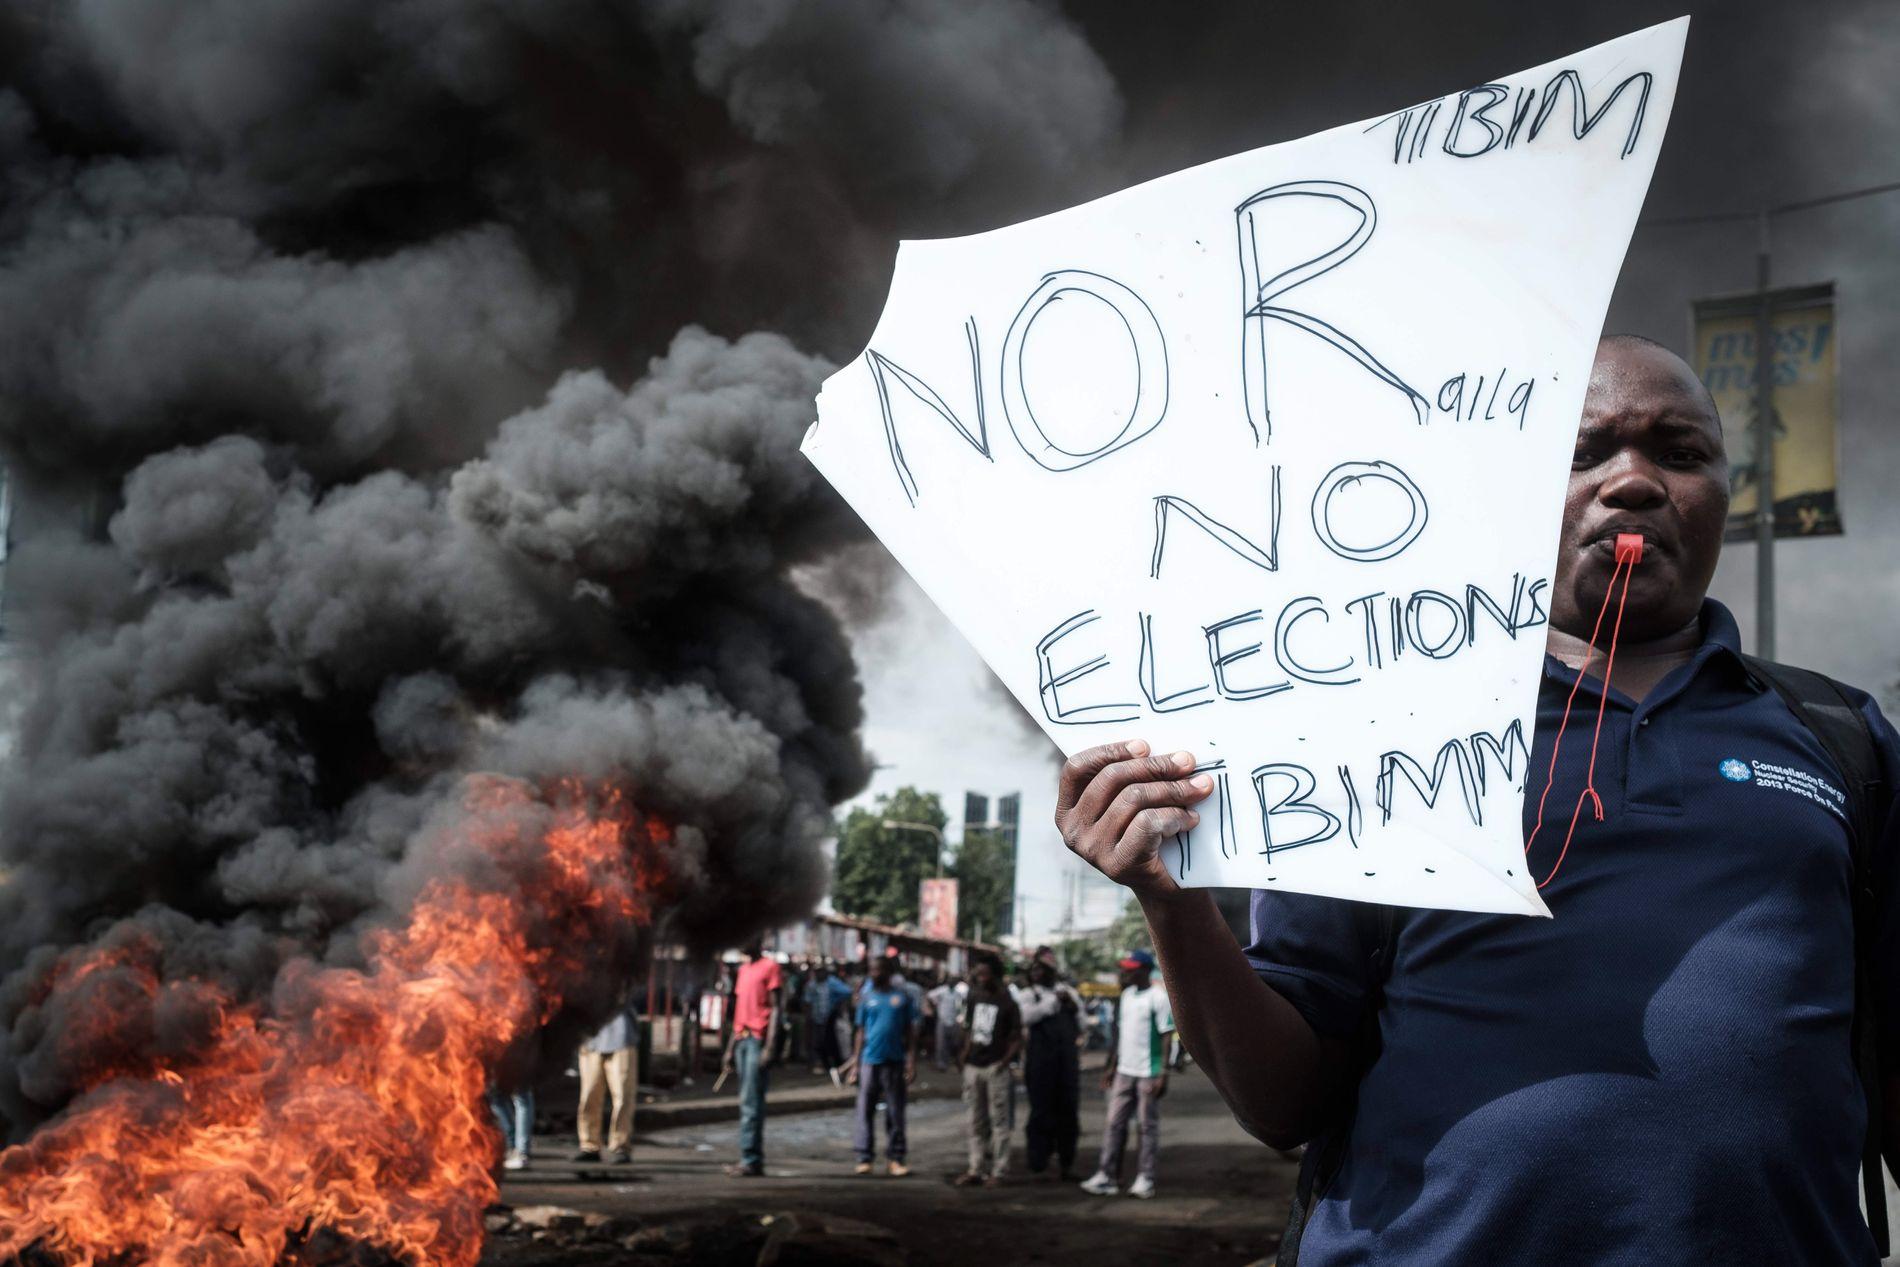 I FYR OG FLAMME: En demonstrant i Kisumu, Kenya, viser støtte til opposisjonen under en protest 11. oktober mot påstått valgfusk i forbindelse med valget 8. august.